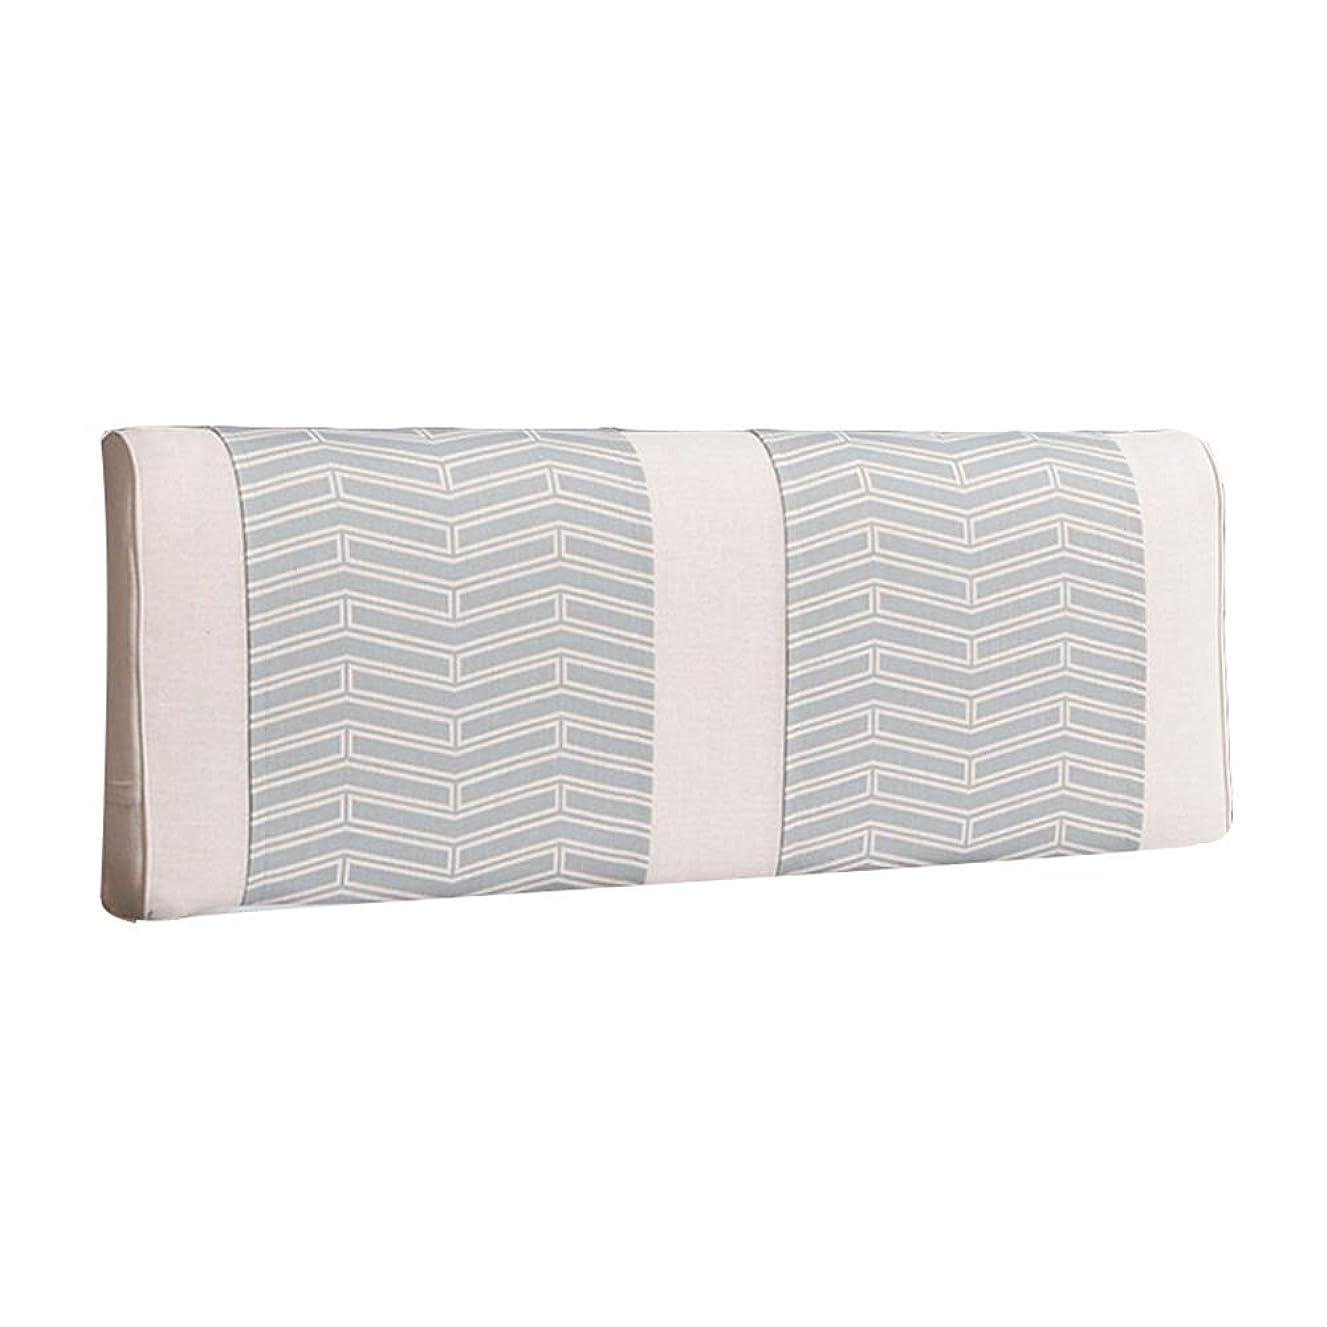 とてもオアシスなだめるZEMIN バック 床用靠垫 ウェッジクッション 布張り サポート 生活 寝室 リネン、 有/無 ヘッドボード、 3色、 8サイズ (Color : B-3, Size : 150CM)